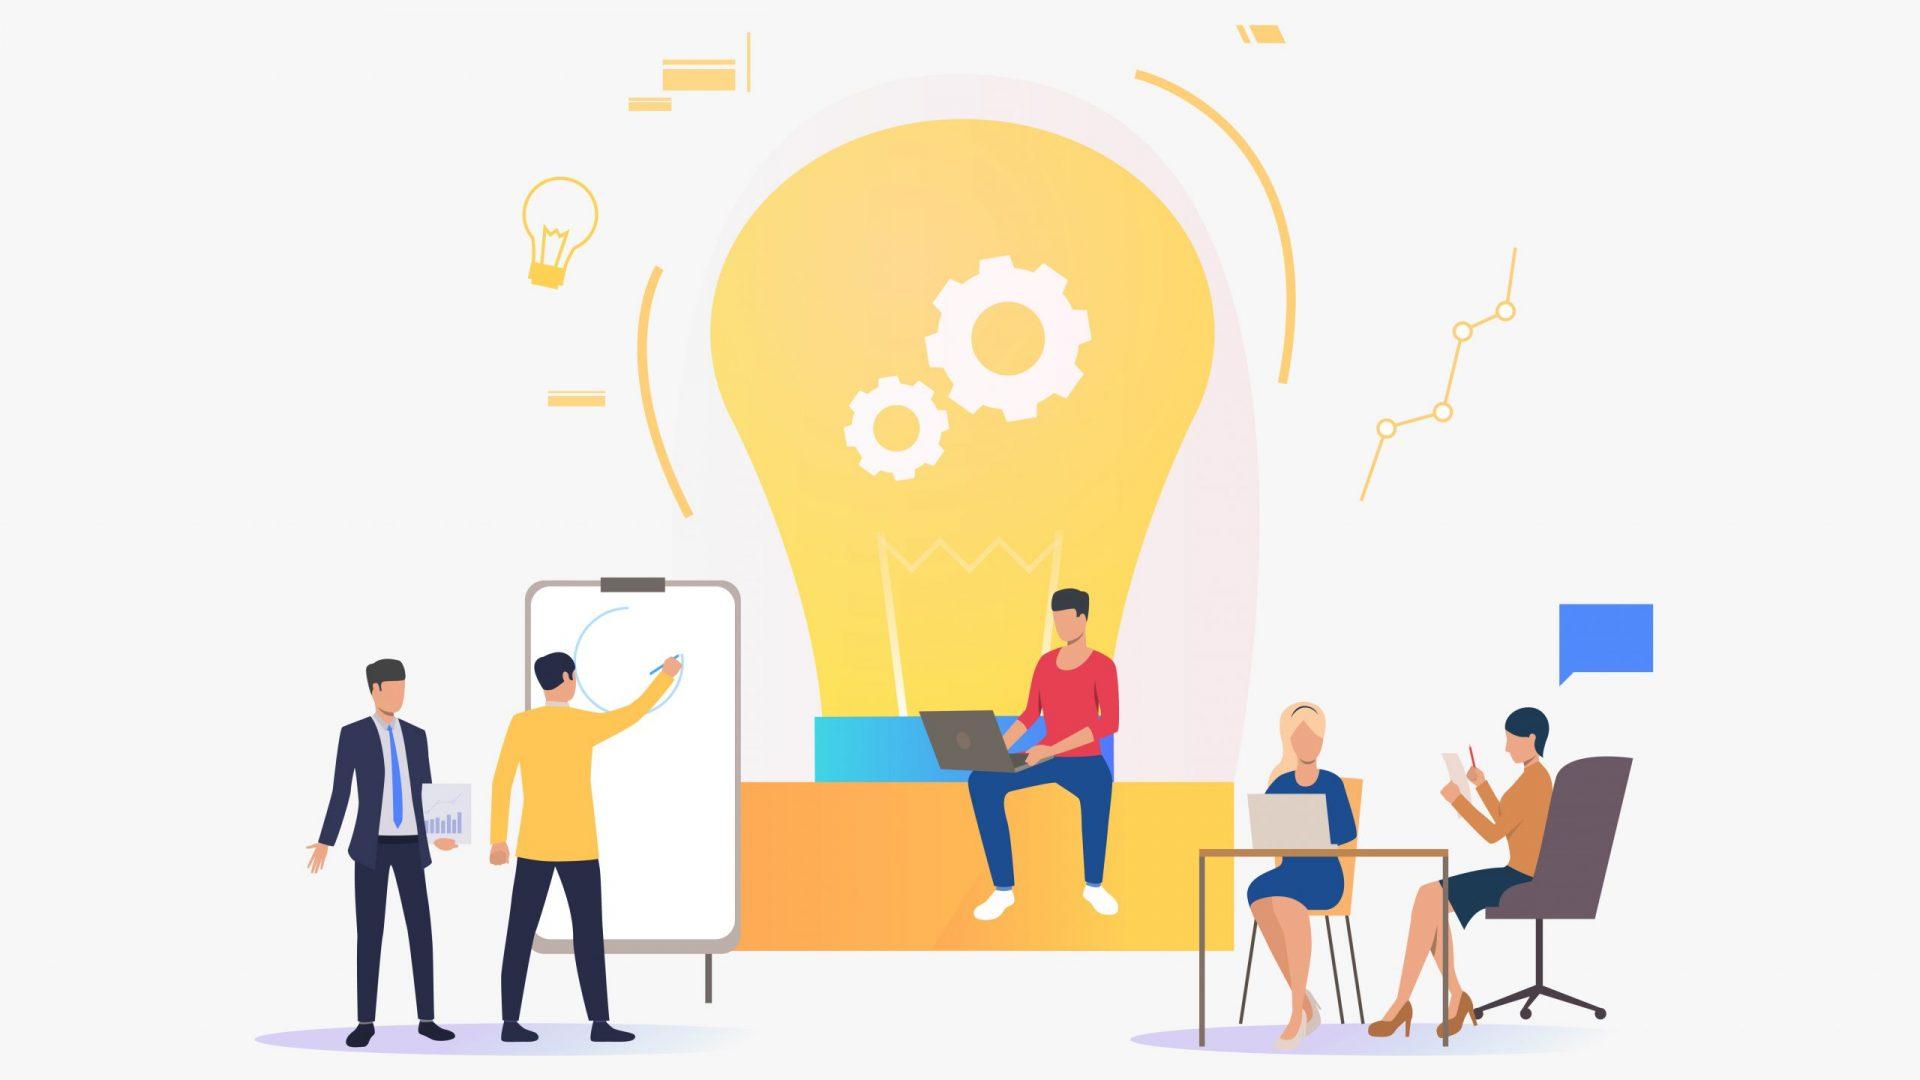 پژوهش و گسترش یا تحقیق و توسعه به خلاقیتی در هر حیطه گفته می شود که به طور سیستماتیک انجام می شود تا به دانش موجود بیافزاید و این دانش برای ابداع کاربردهای تازه به کار می رود.